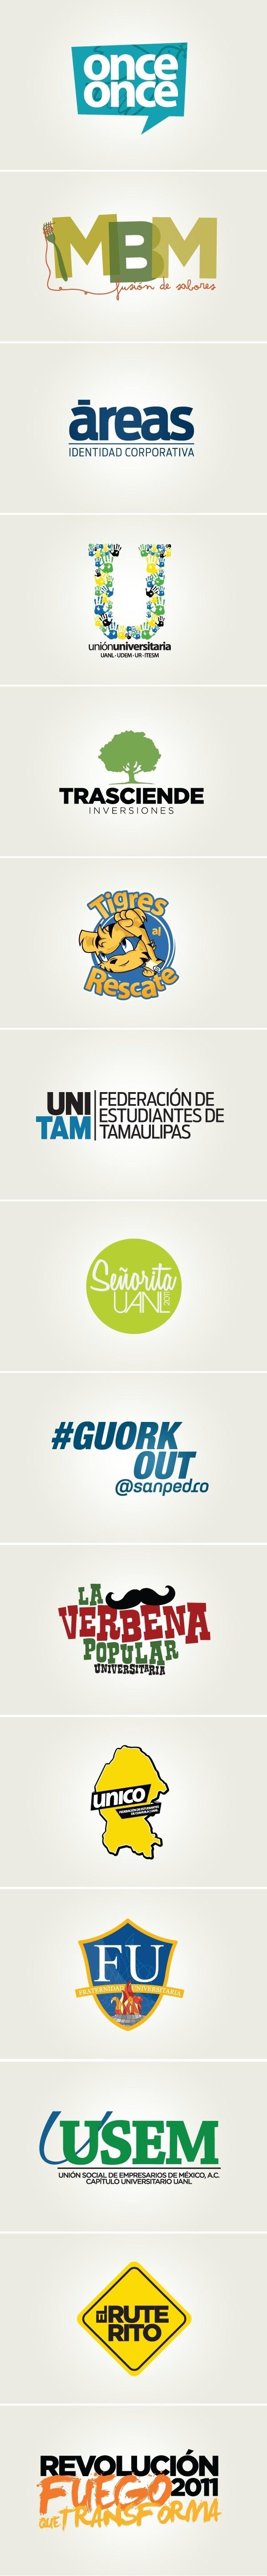 LO_GO_S 2011 on Behance #logotype #2011 #logos #2009 #branding #illustrator #design #graphic #brand #2010 #type #typography